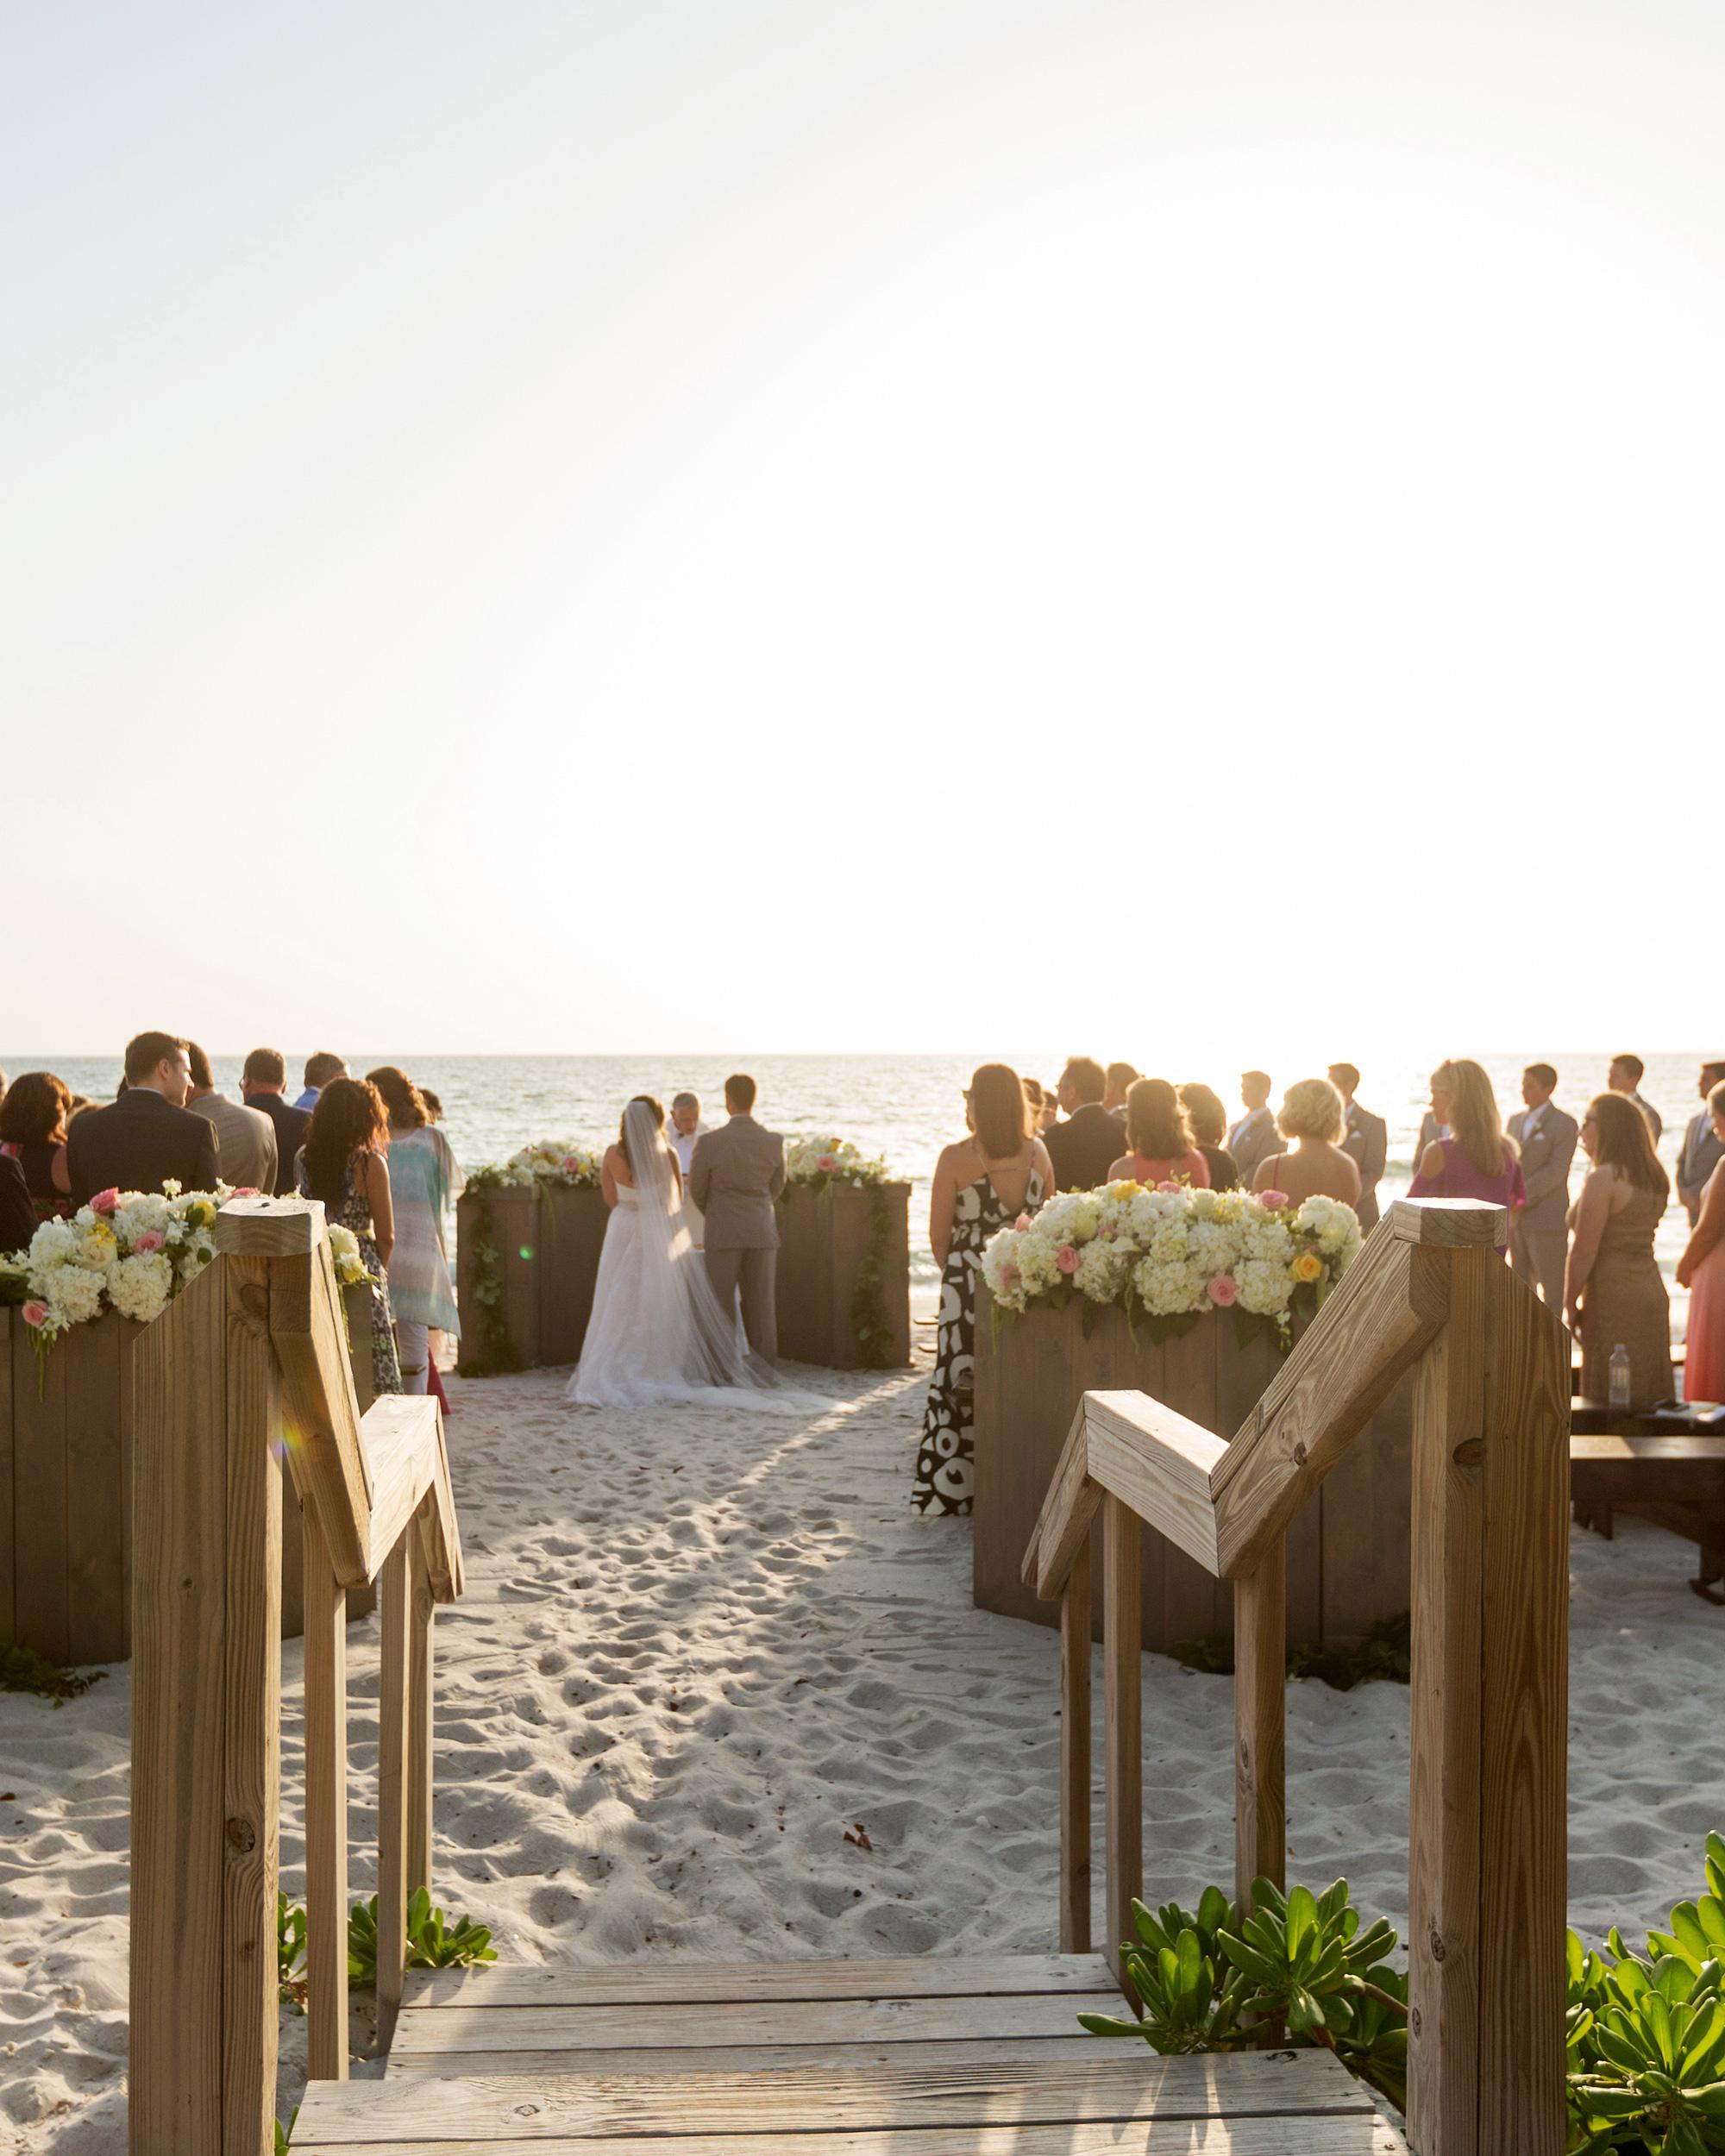 erin-ryan-florida-wedding-ceremony-0882-s113010-0516.jpg